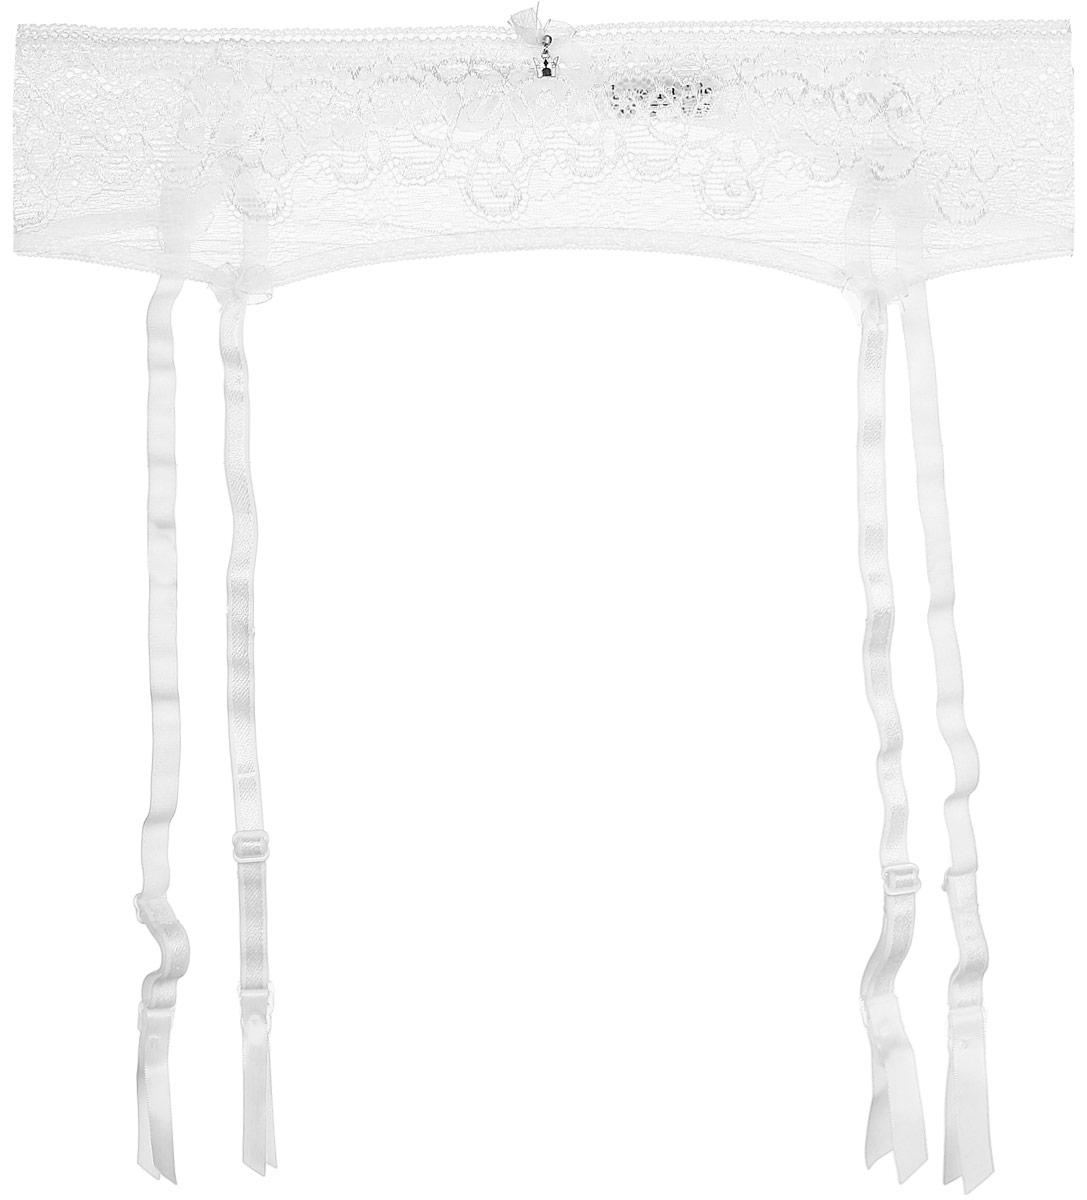 Пояс для чулок Luce Del Sole Raffinata, цвет: белый. 1881_Bianco. Размер S (44)1881_BiancoКружевной пояс для чулок из утонченного роскошного кружева. Женственный и романтичный пояс дополнит любой комплект нижнего белья.